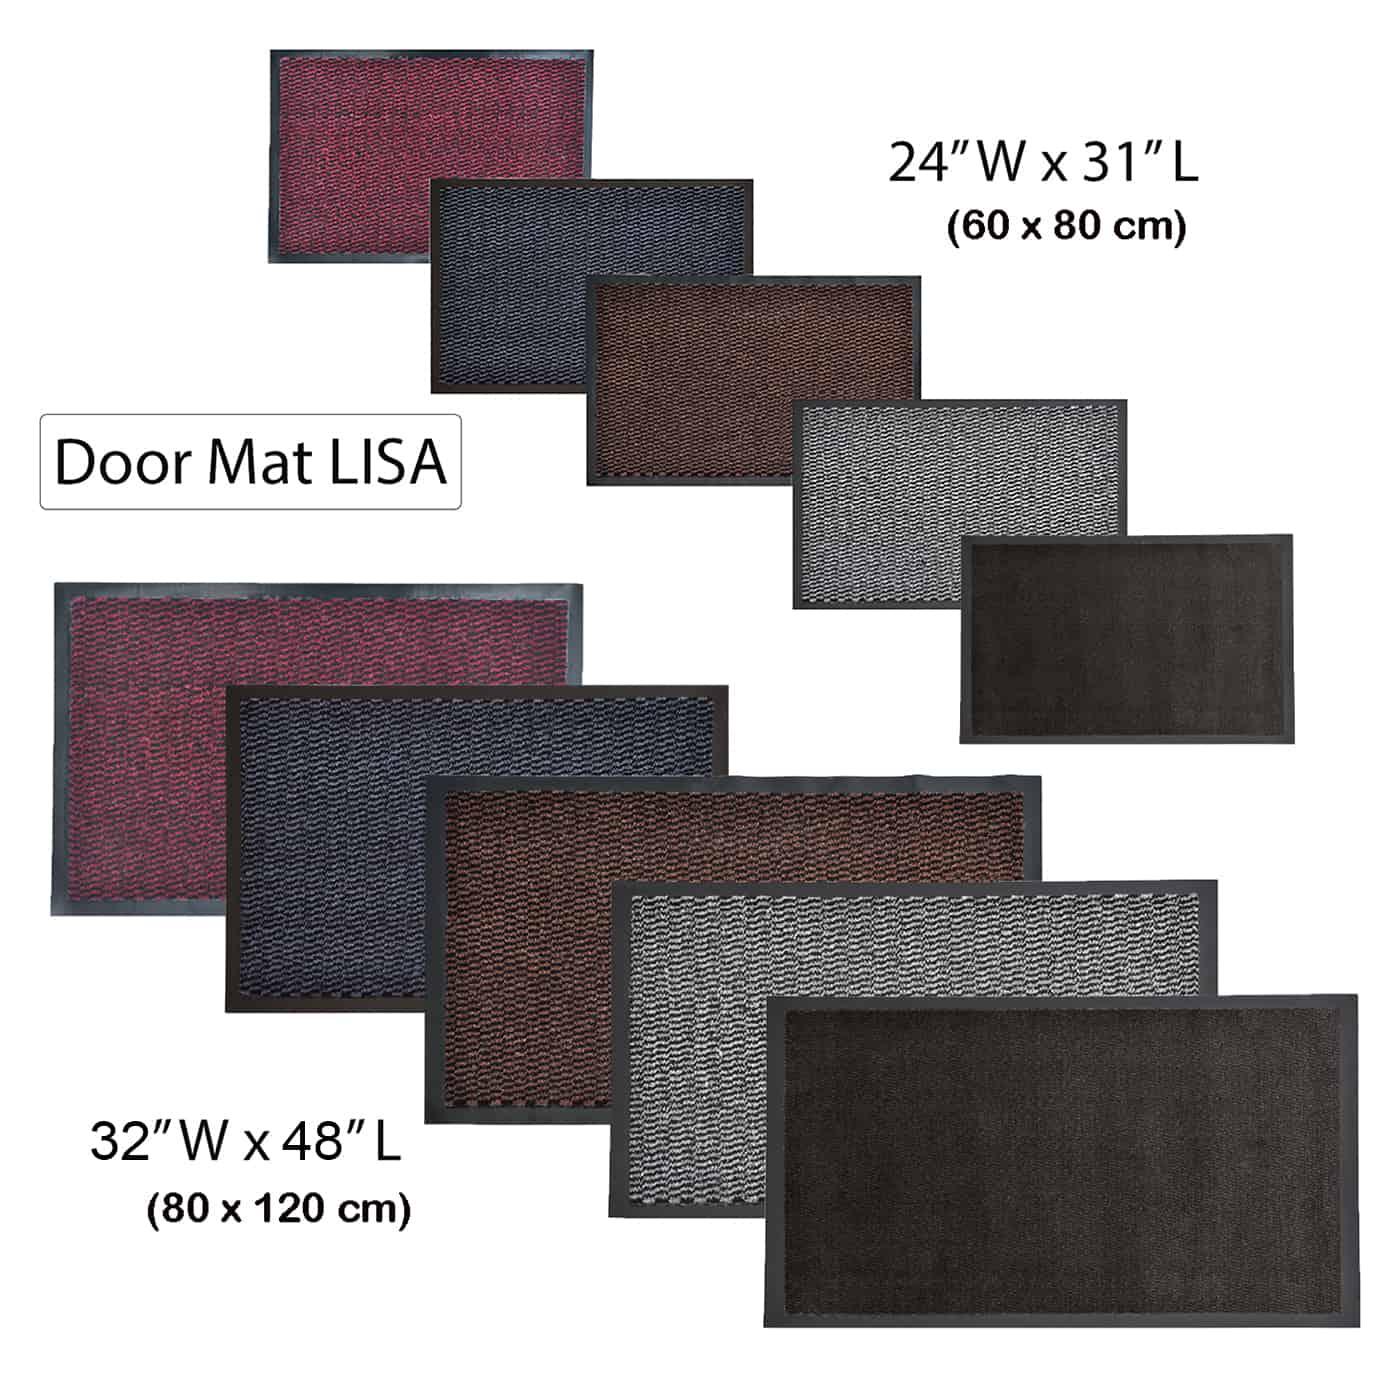 Indoor Large Door Mat Lisa 48 L x 32 W Inch PP-PVC - Burgundy